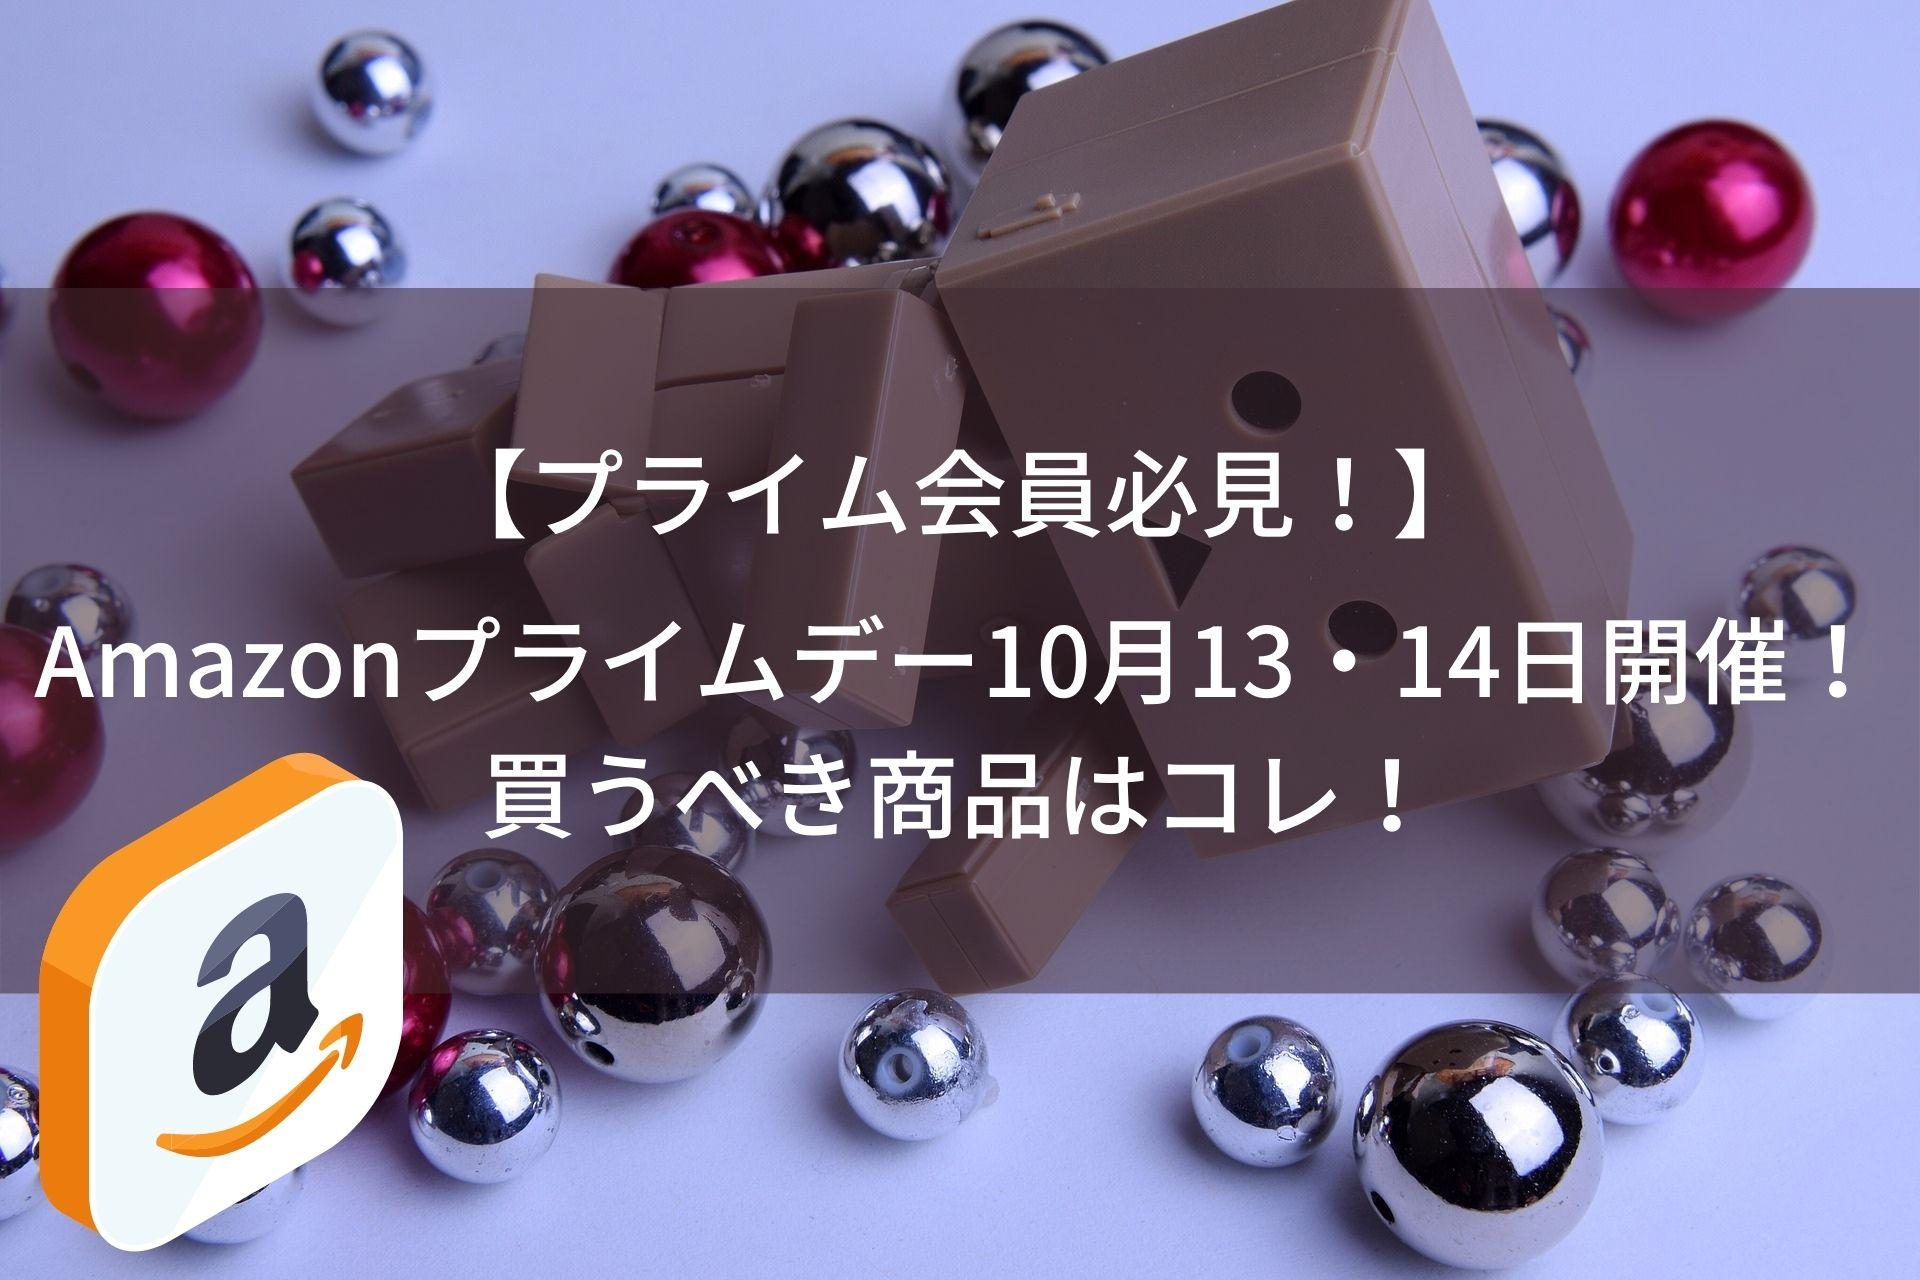 【プライム会員必見!】 Amazonプライムデー10月13・14日 開催!買うべき商品はコレ!